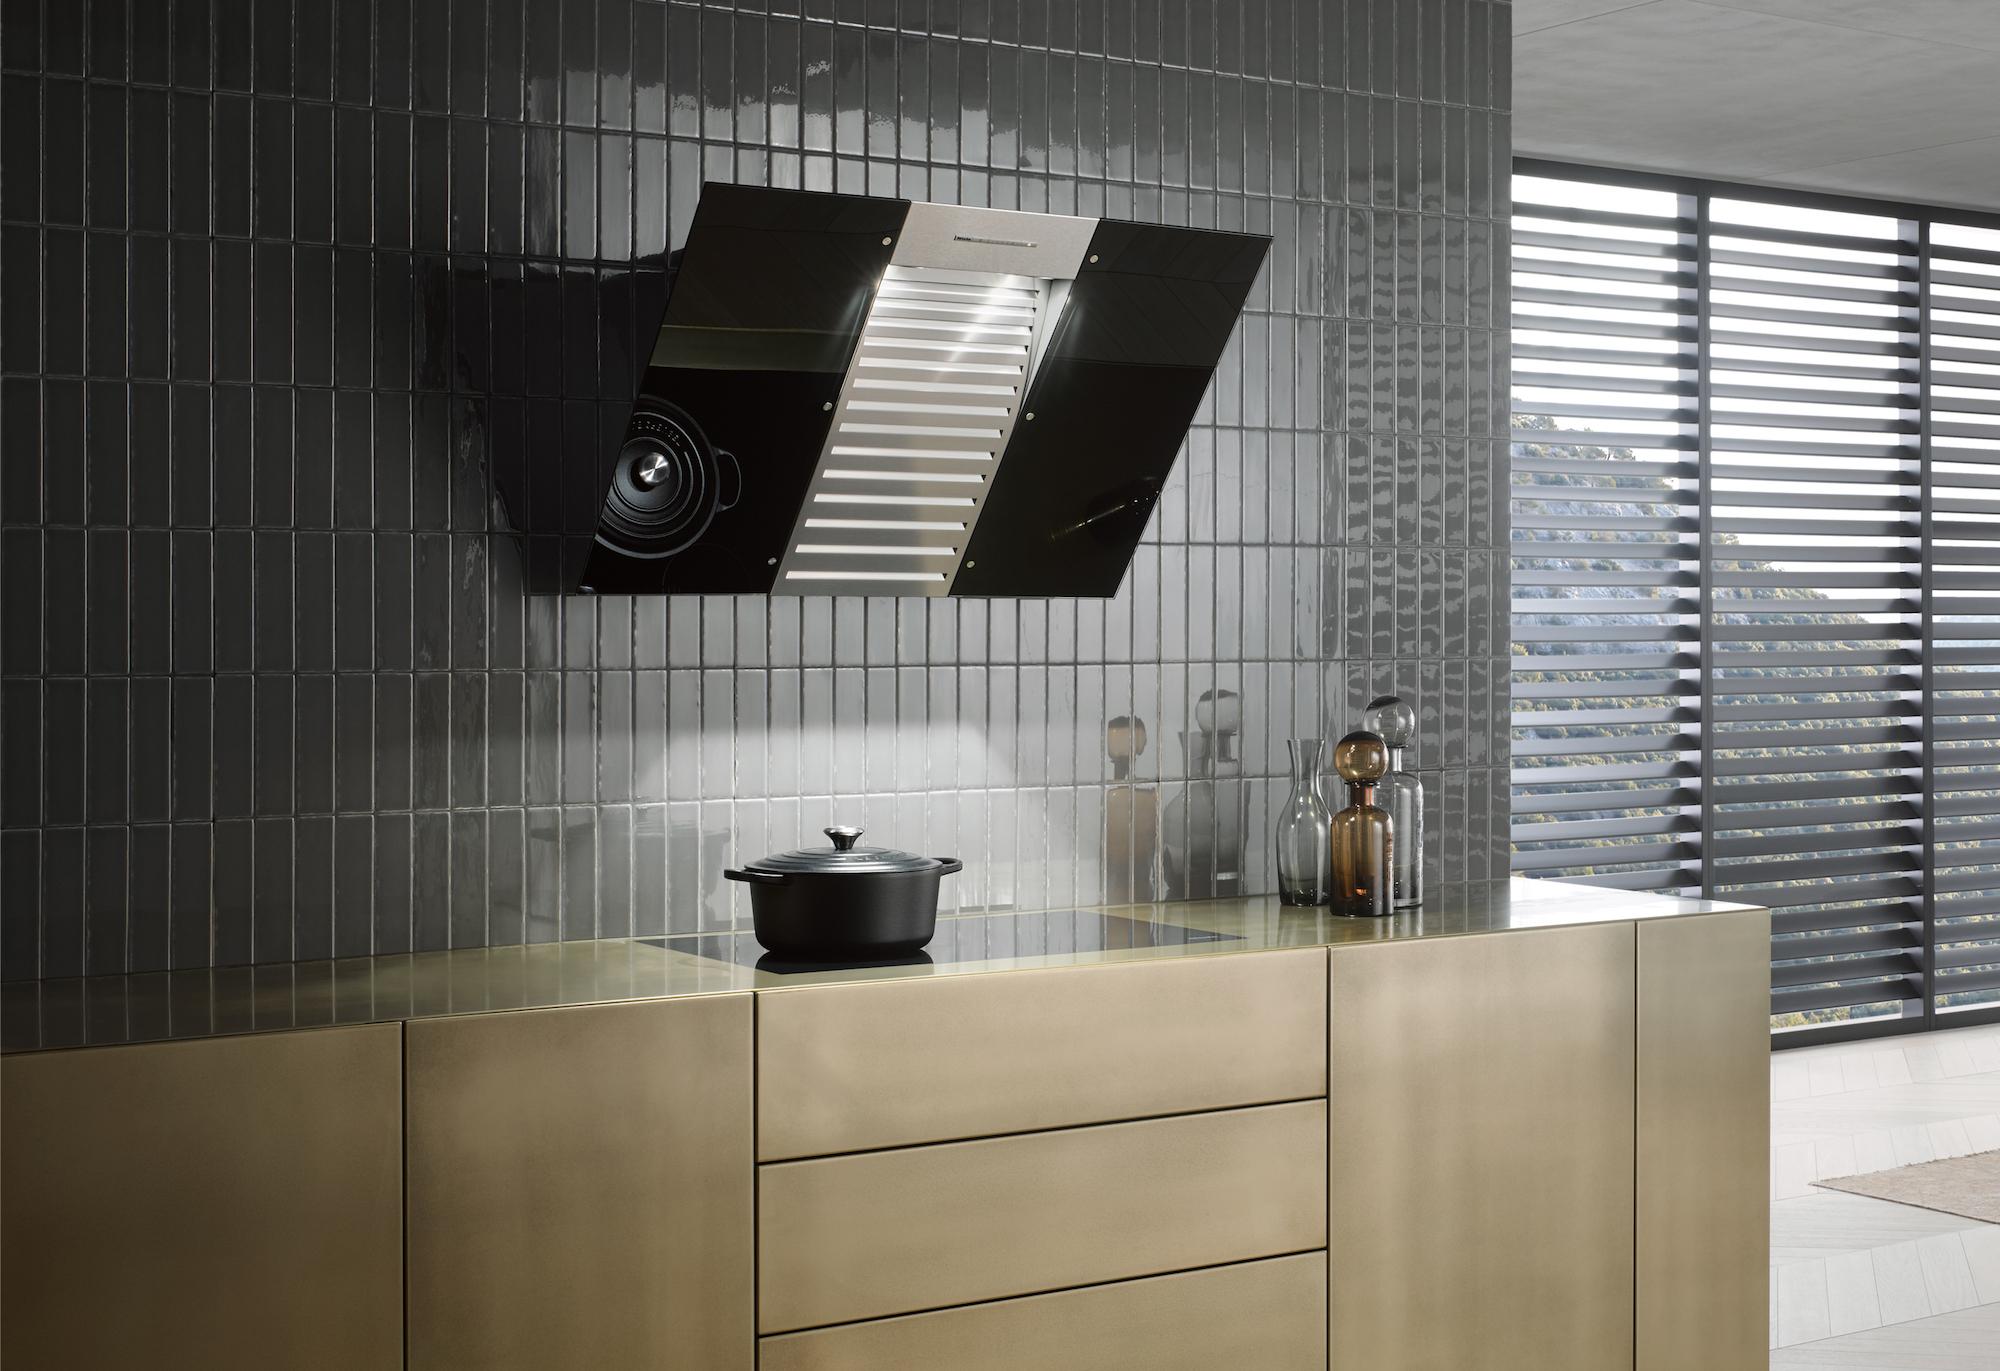 Radio für die küche test dunstabzugshaube umluft deckenmontage